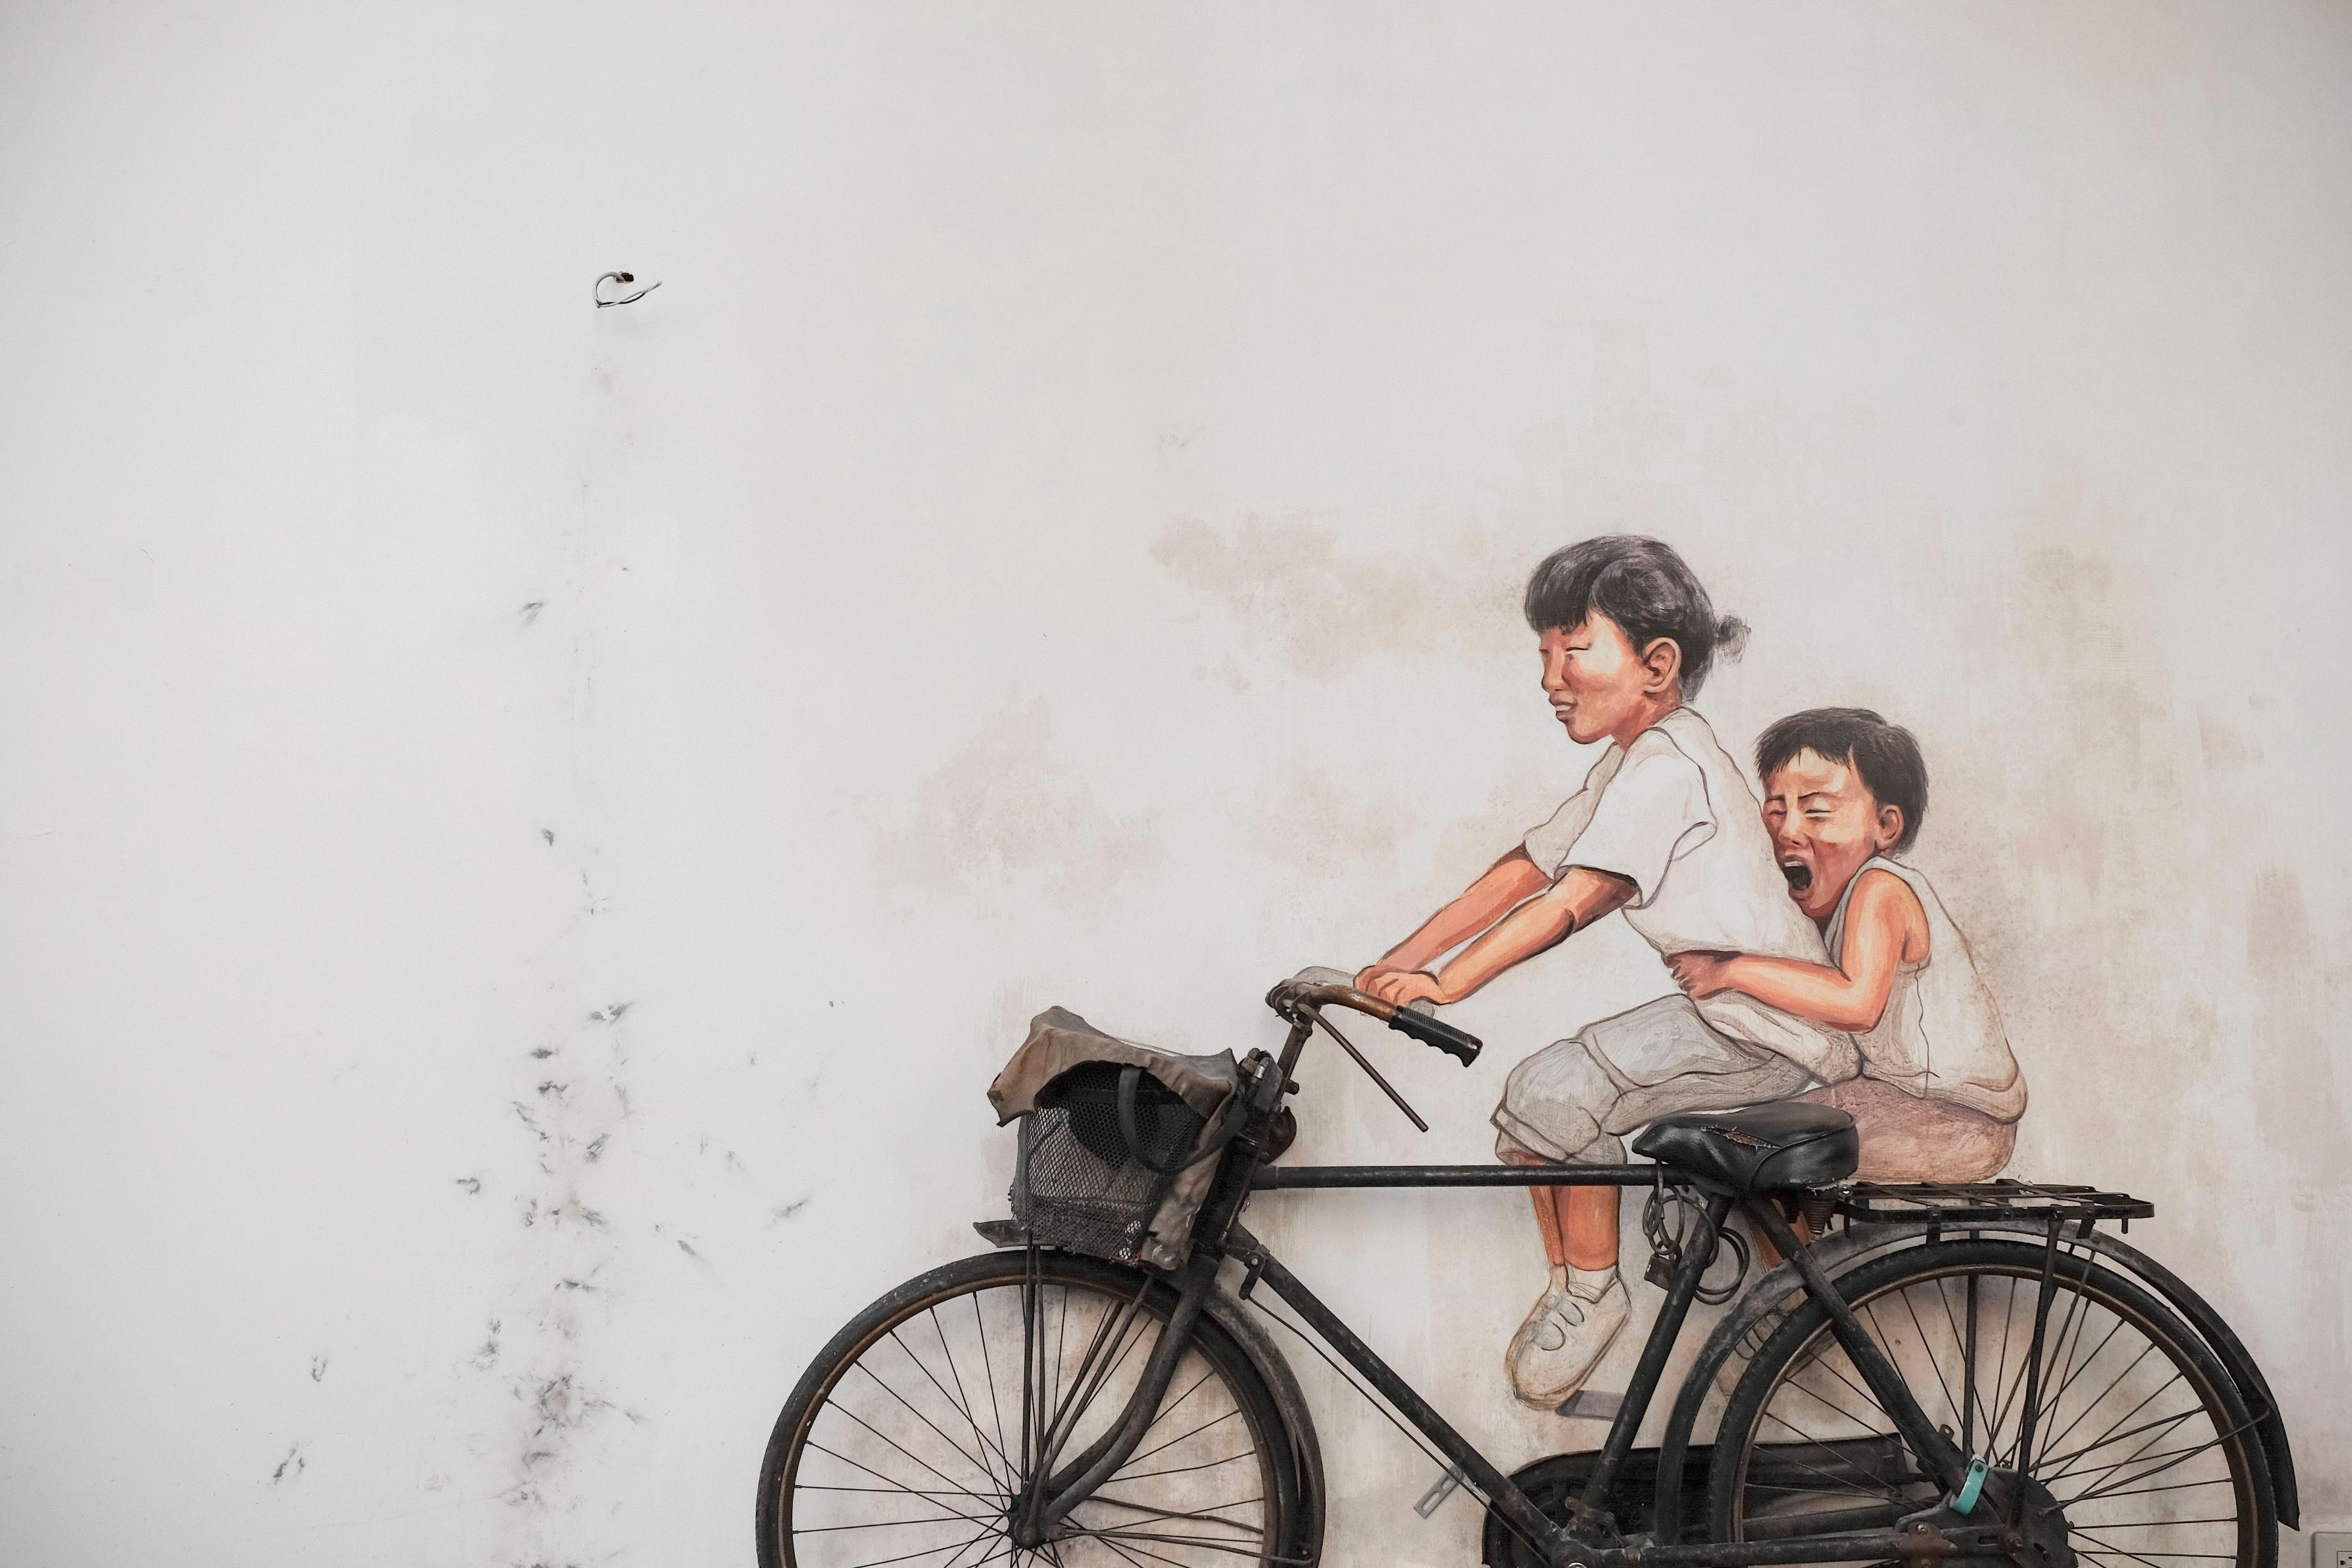 investering in straatkunst artiest